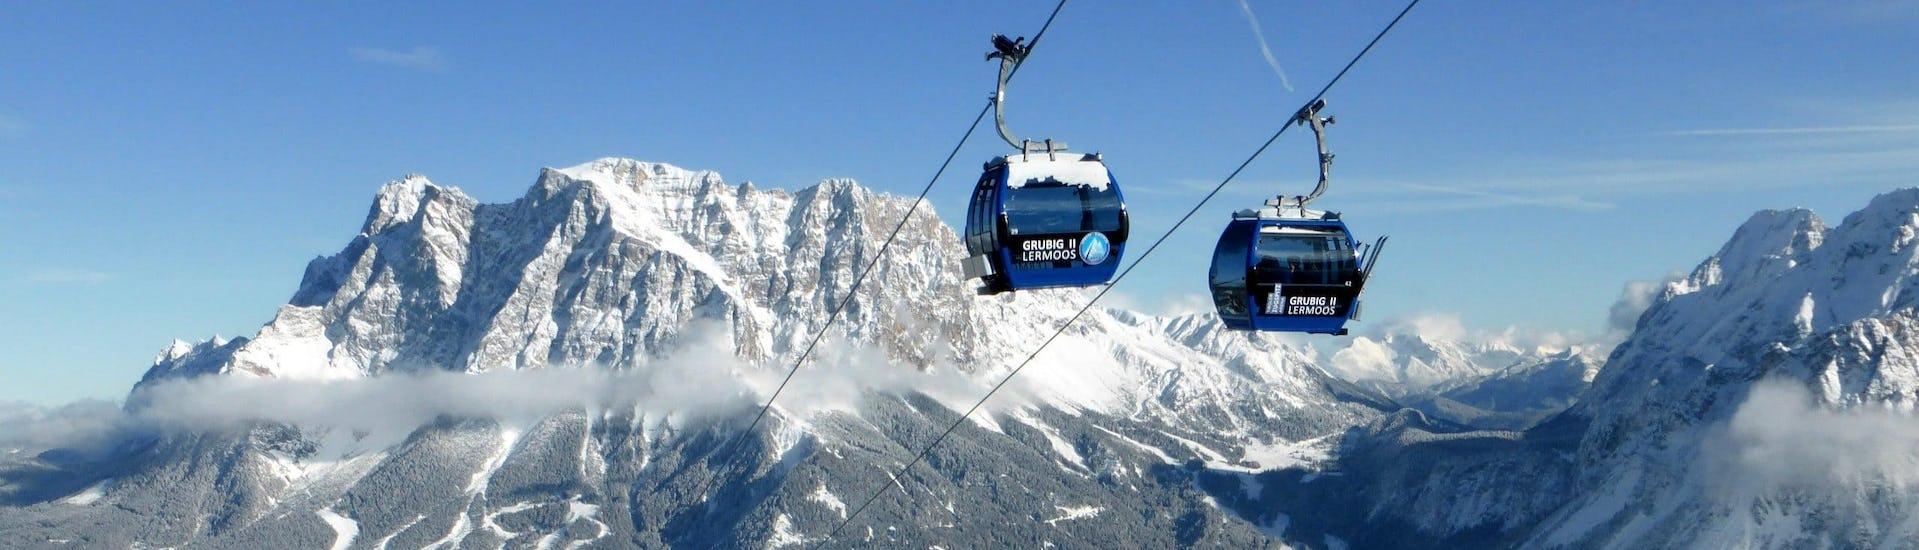 Tijdens een skiles met een skischool in Lermoos heb je een prachtig uitzicht op zonnige bergen.